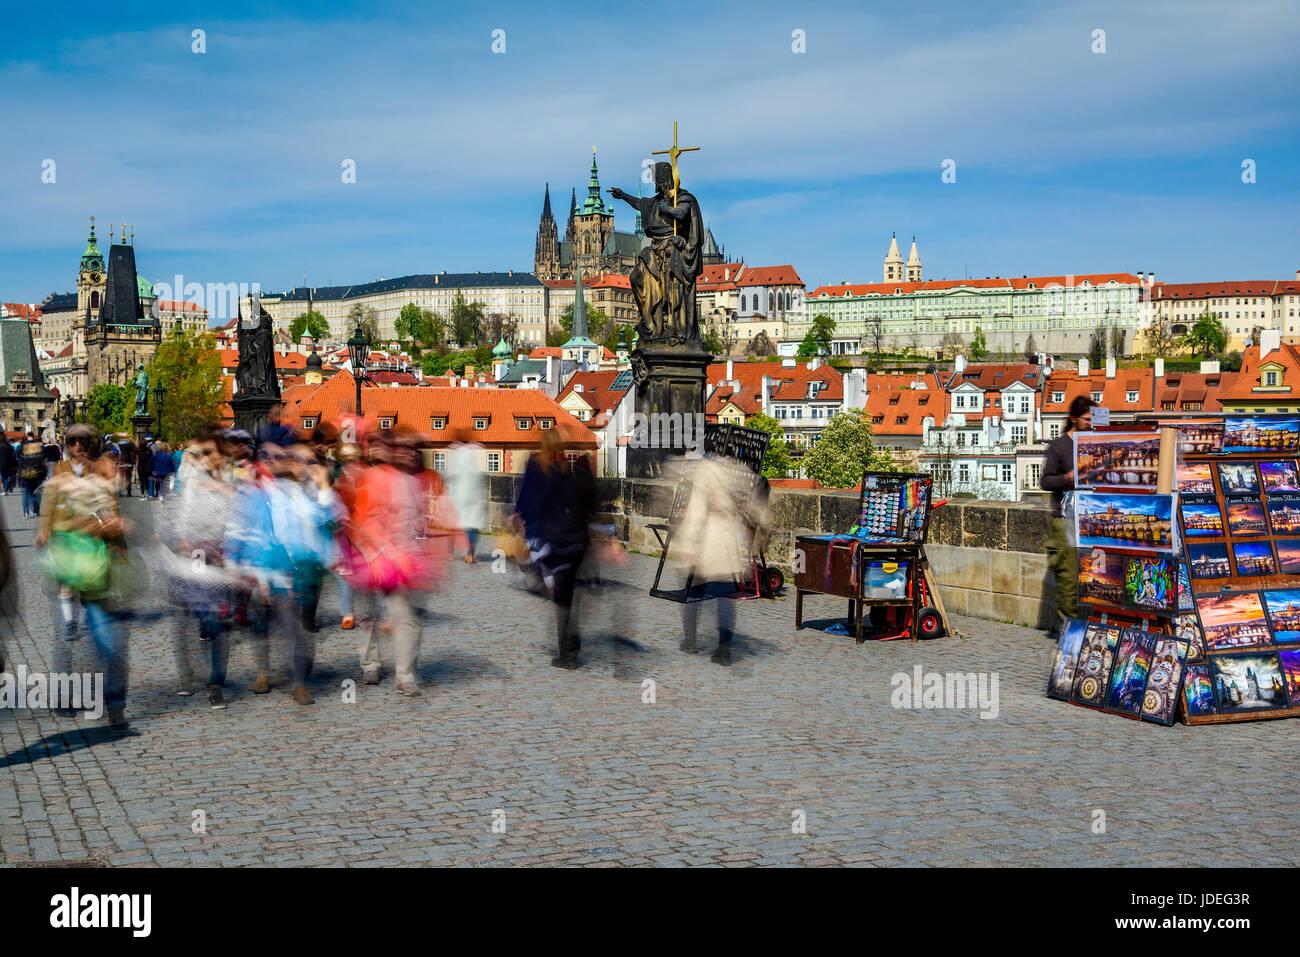 Massen von Touristen und Stände mit Souvenirs auf der Karlsbrücke, Prag, Böhmen, Tschechische Republik Stockbild